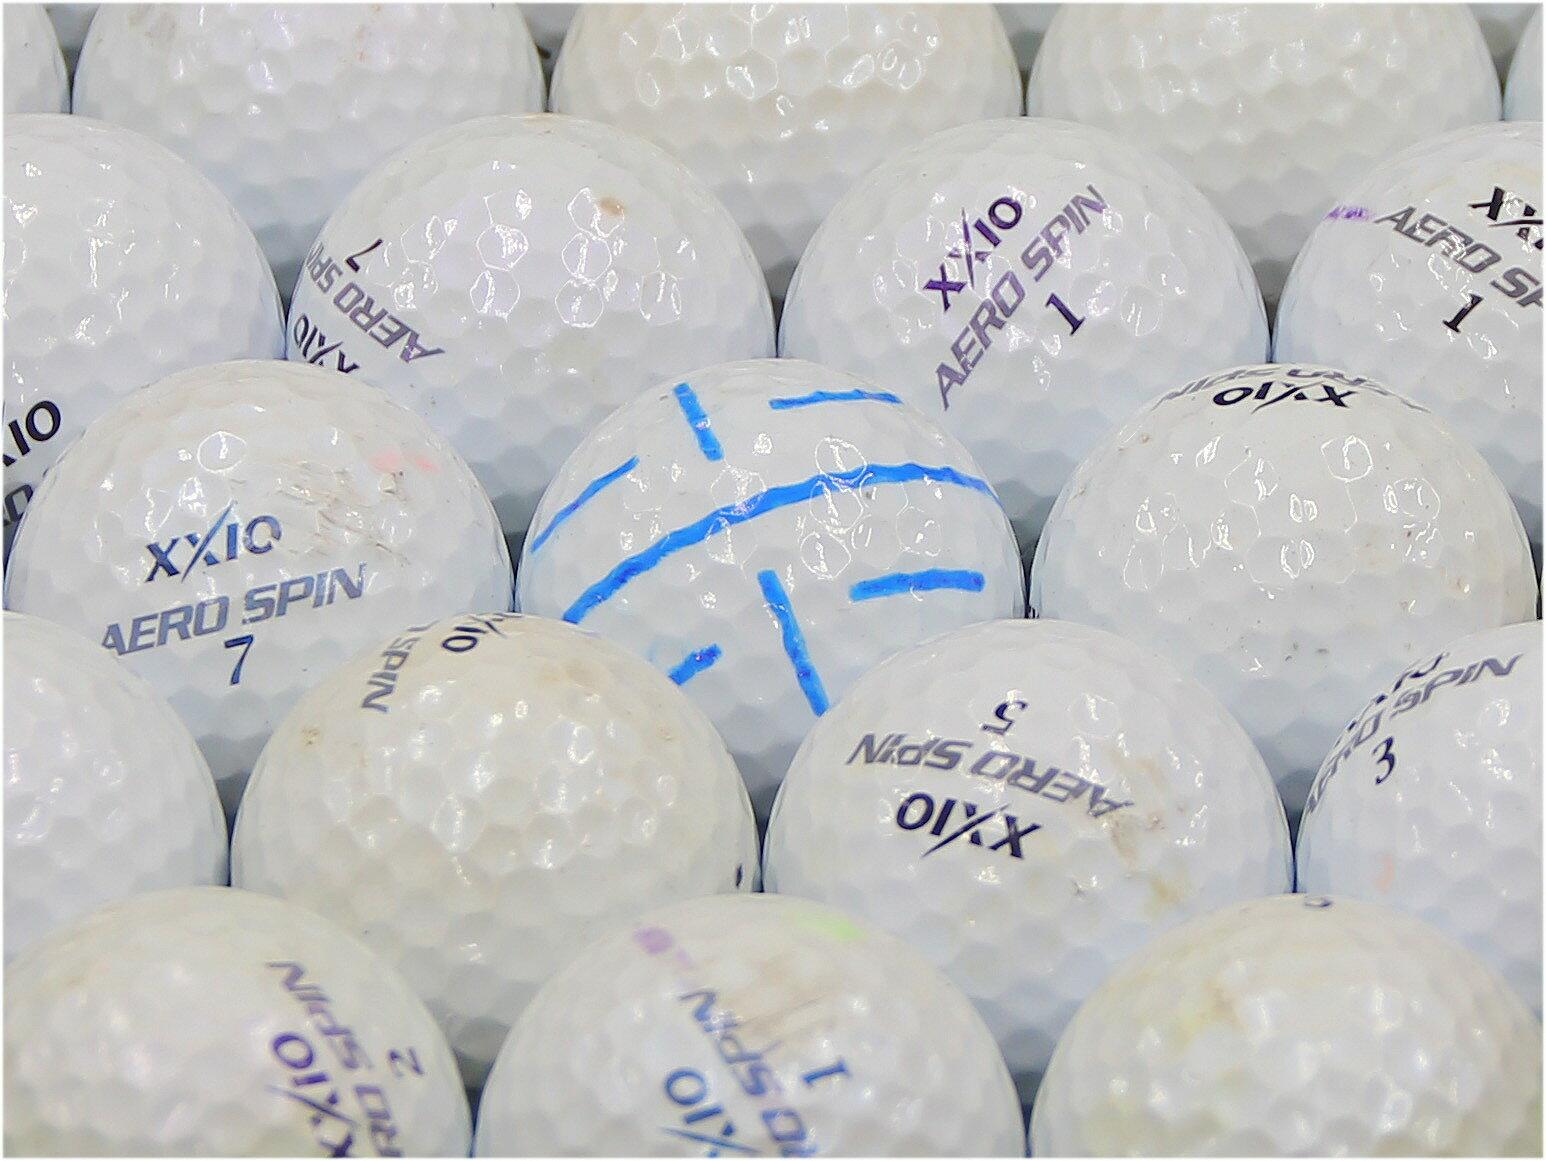 【Bランク】ゼクシオ ゴルフ AERO SPIN ホワイト系混合 スリクソン 200個セット【 激安】【ロストボール】【】:球手箱 店 当店ランクNo.3 『格安Bランク』